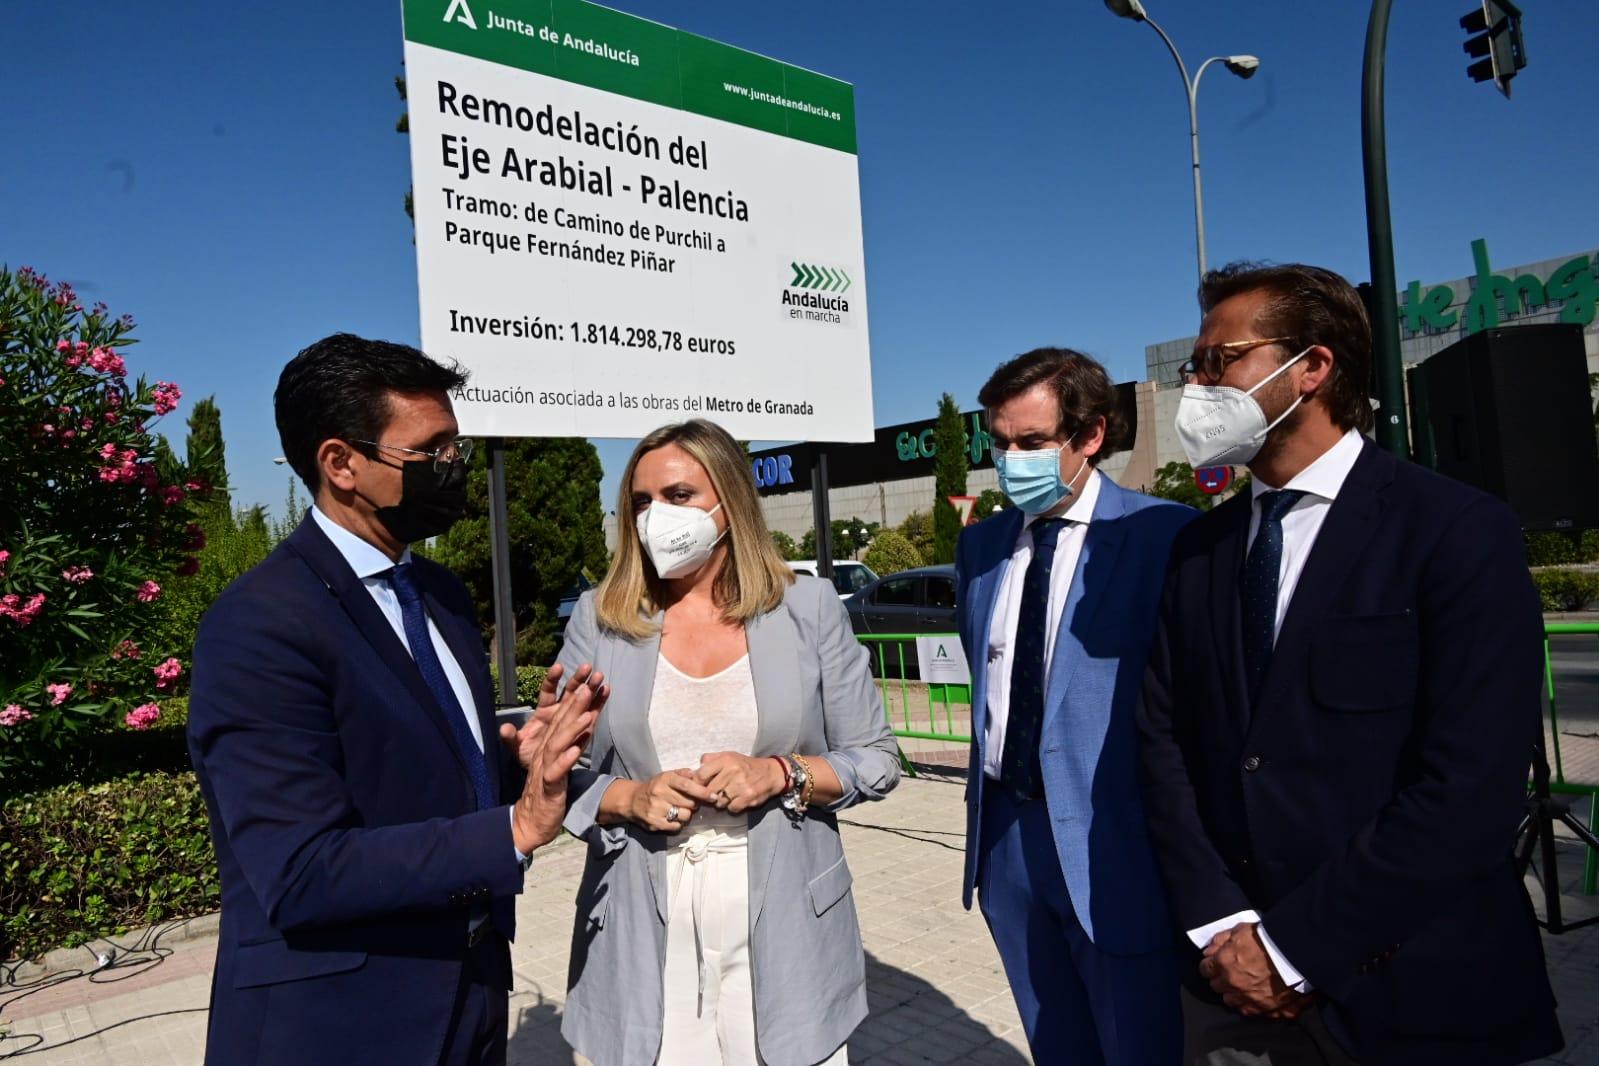 Las obras del nuevo tramo de Arabial-Palencia se inician mañana con una inversión de 1,8 millones